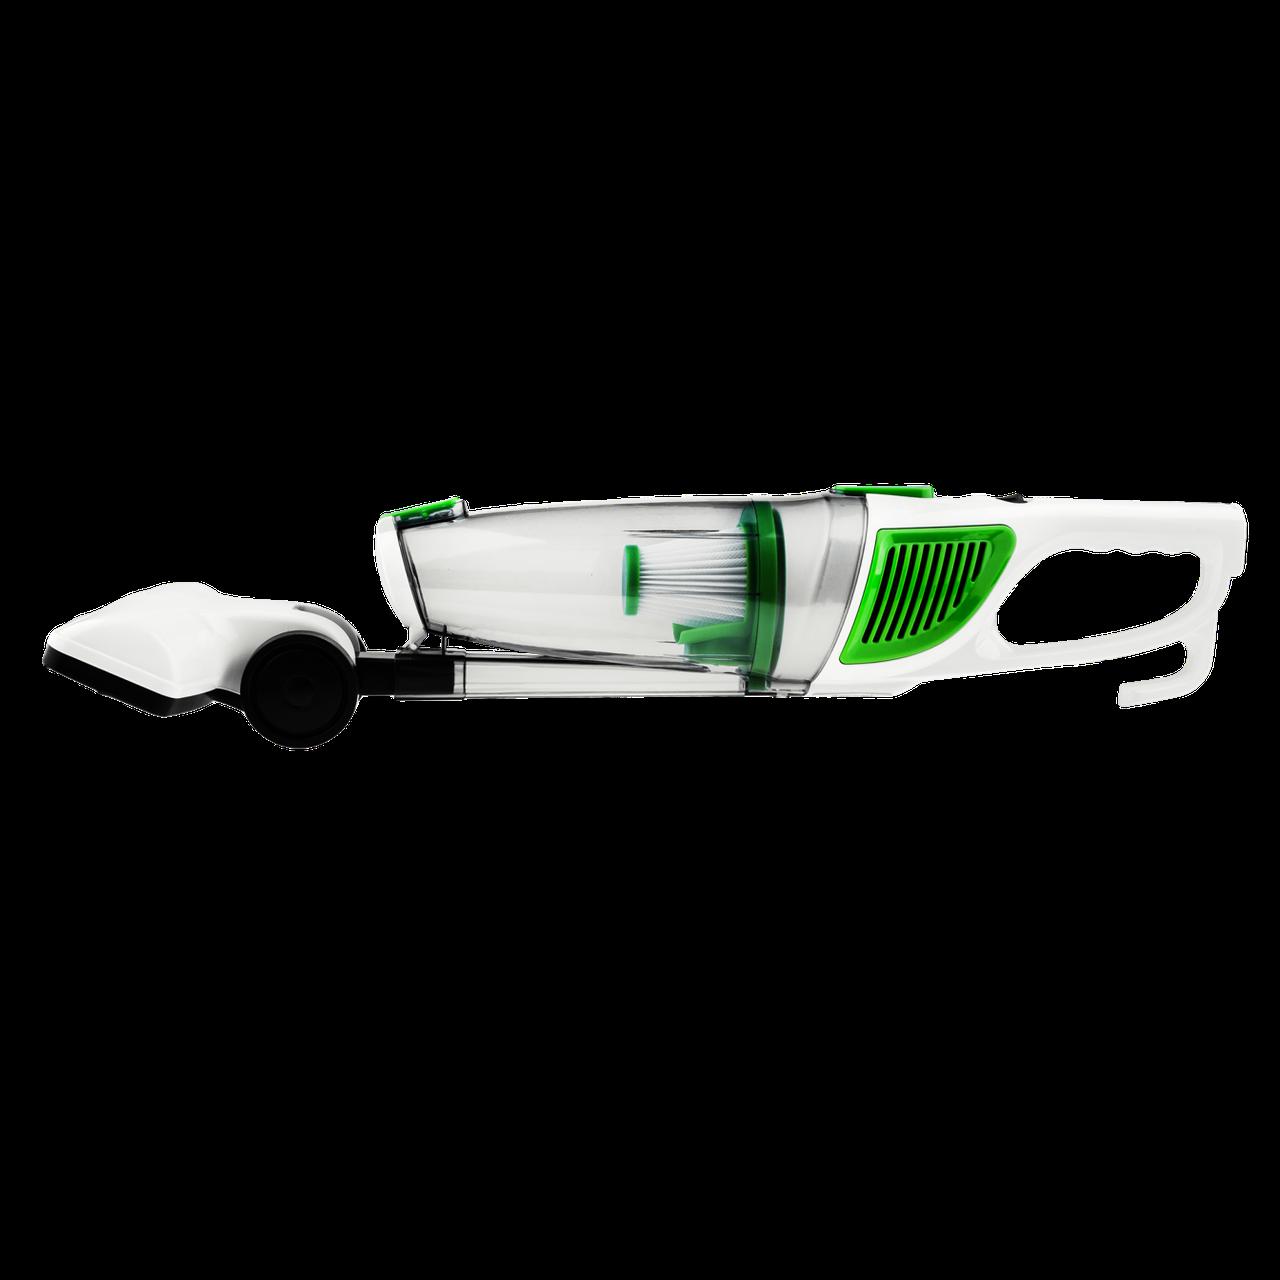 Безшумний компактний пилосос Tinton зелений